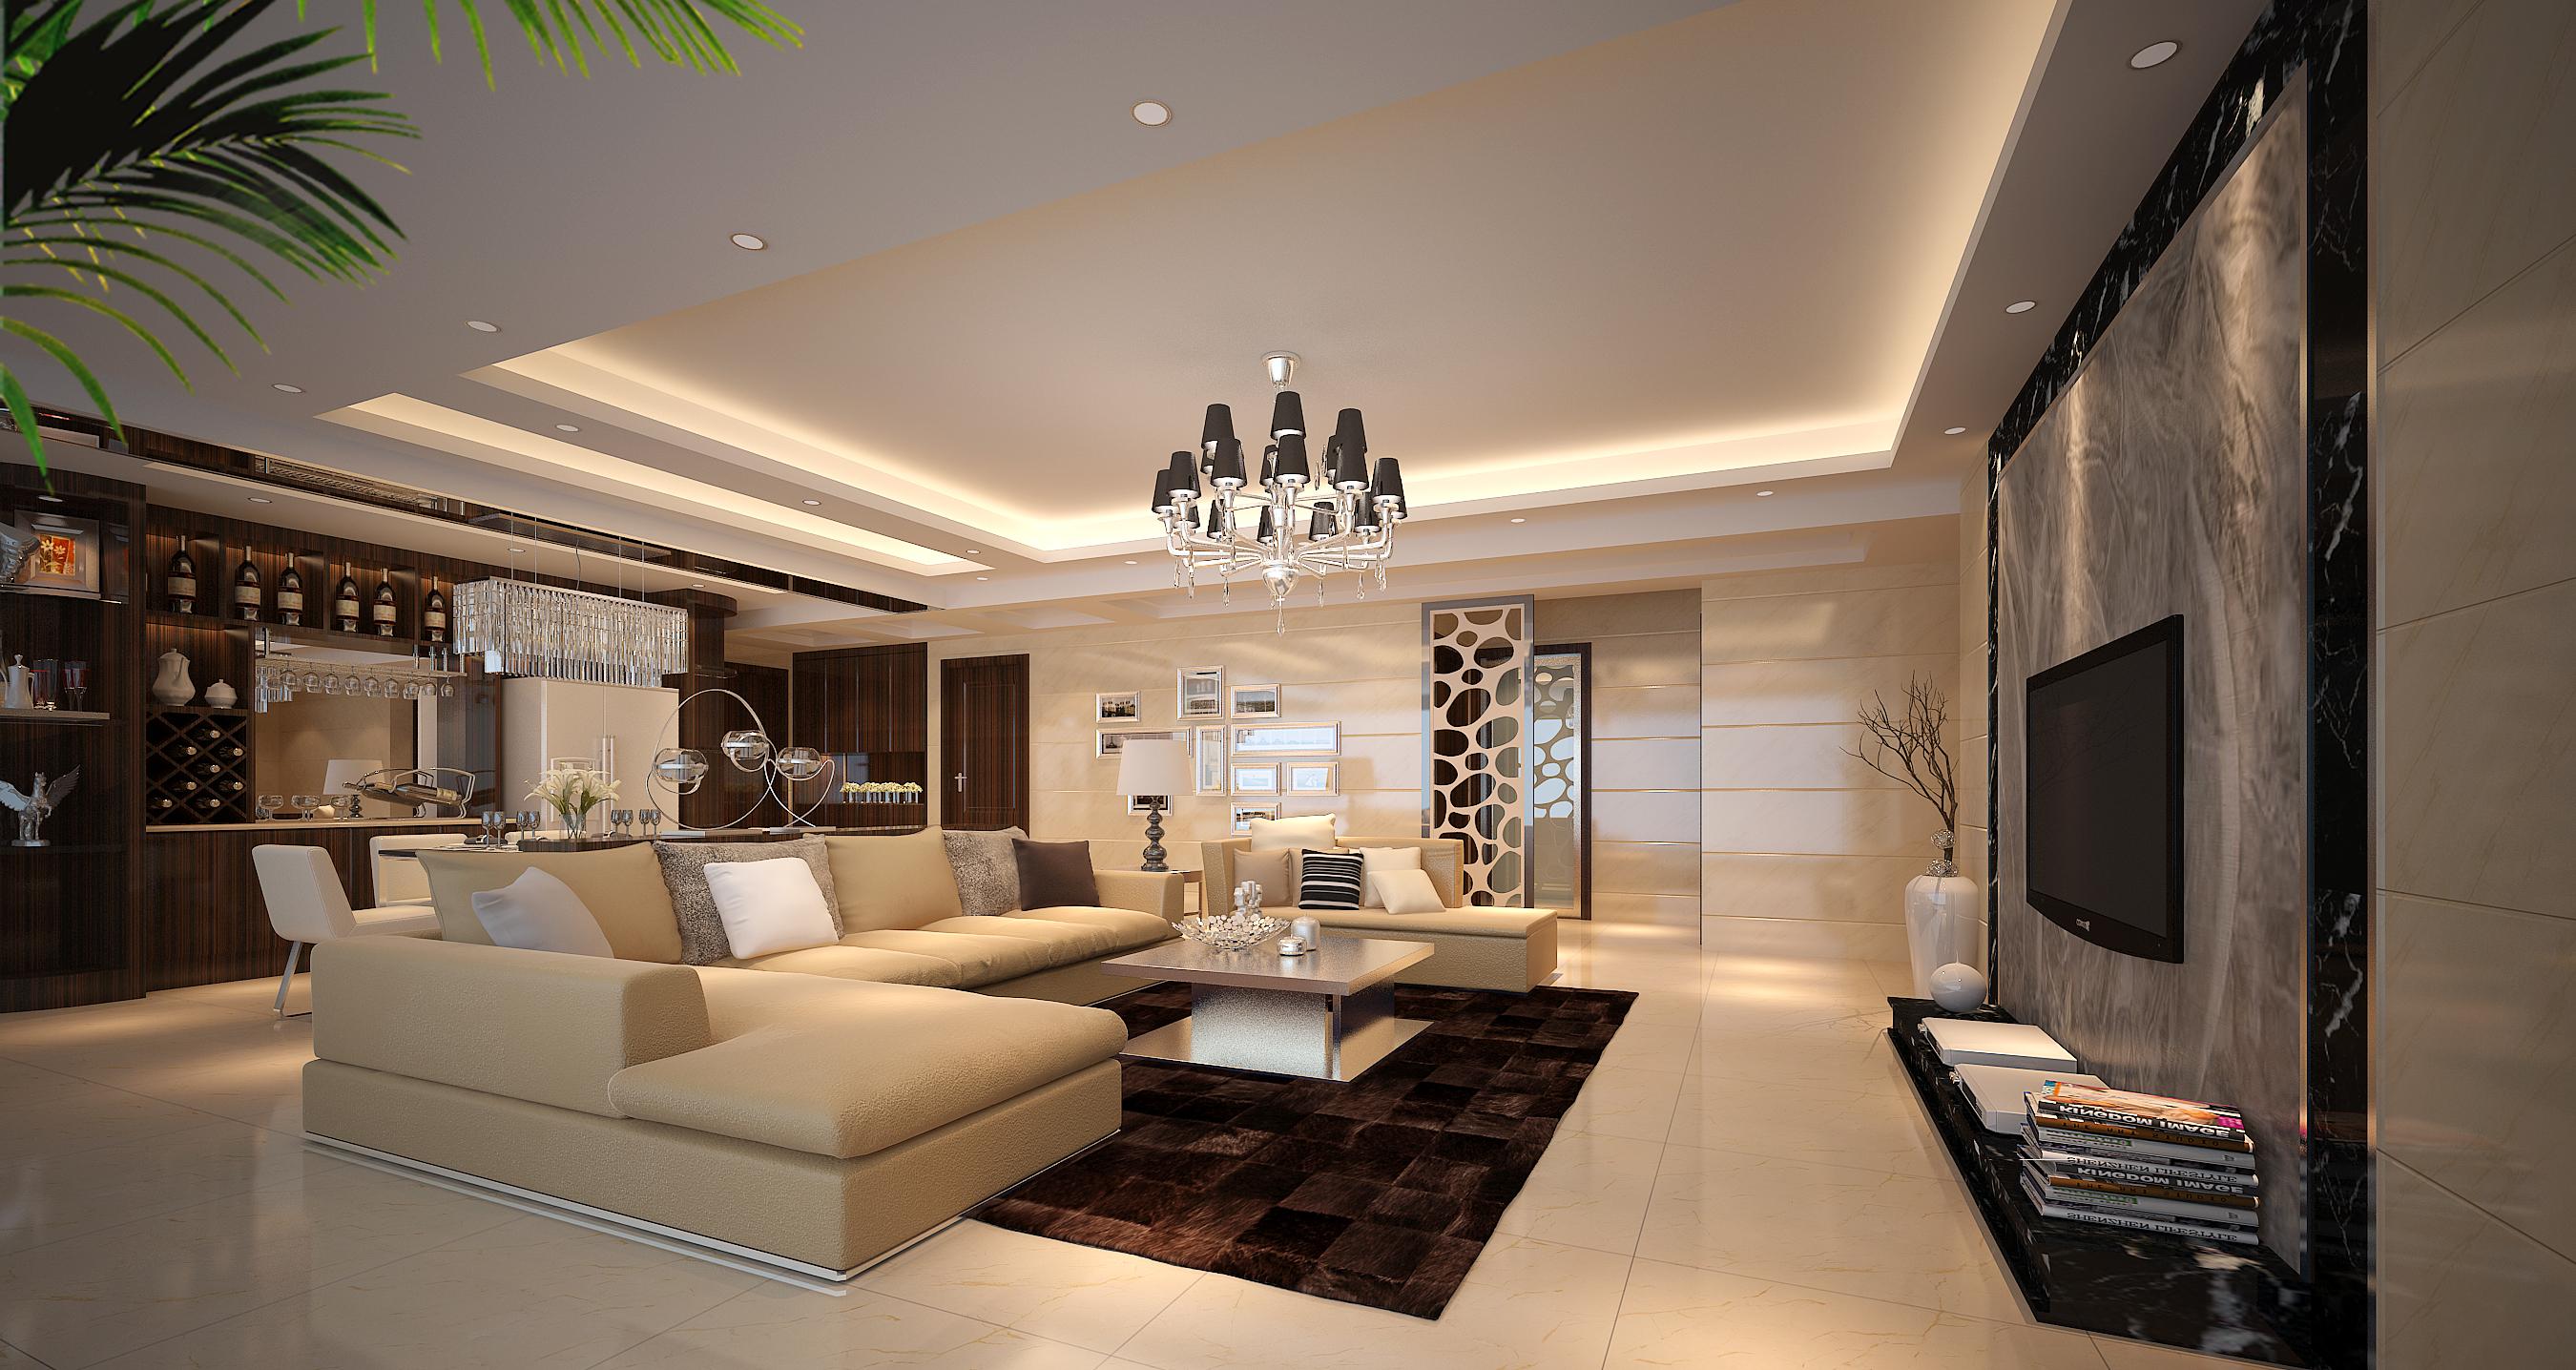 欧式 简欧风格 三居 舒适空间 深圳装修 客厅图片来自名雕装饰设计在珑御府简欧时尚三居室的分享